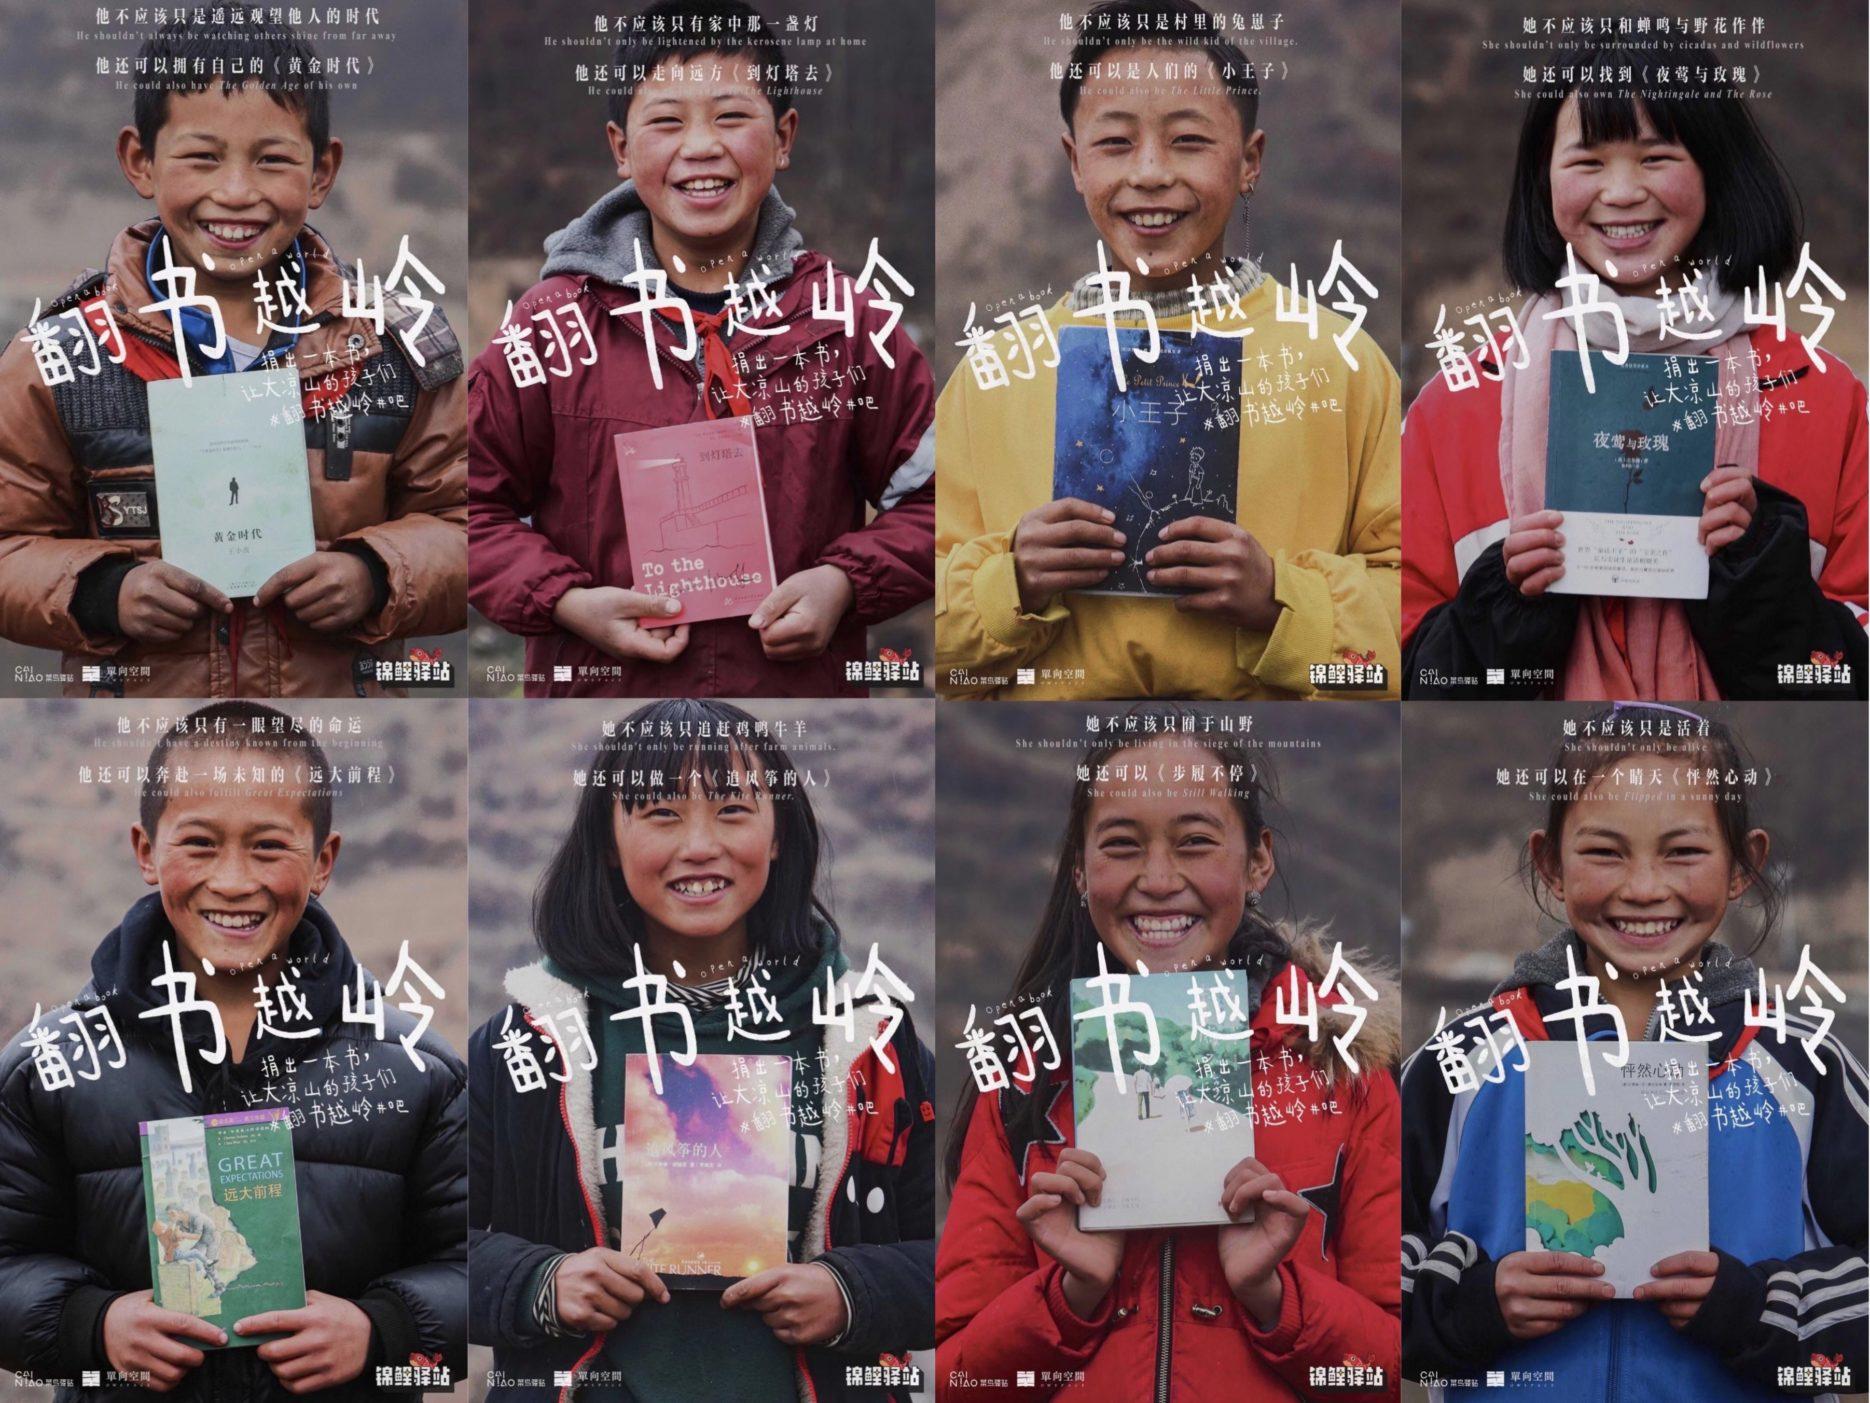 Cainiao Logistics book donation campaign. Credit: Cainiao Logistics